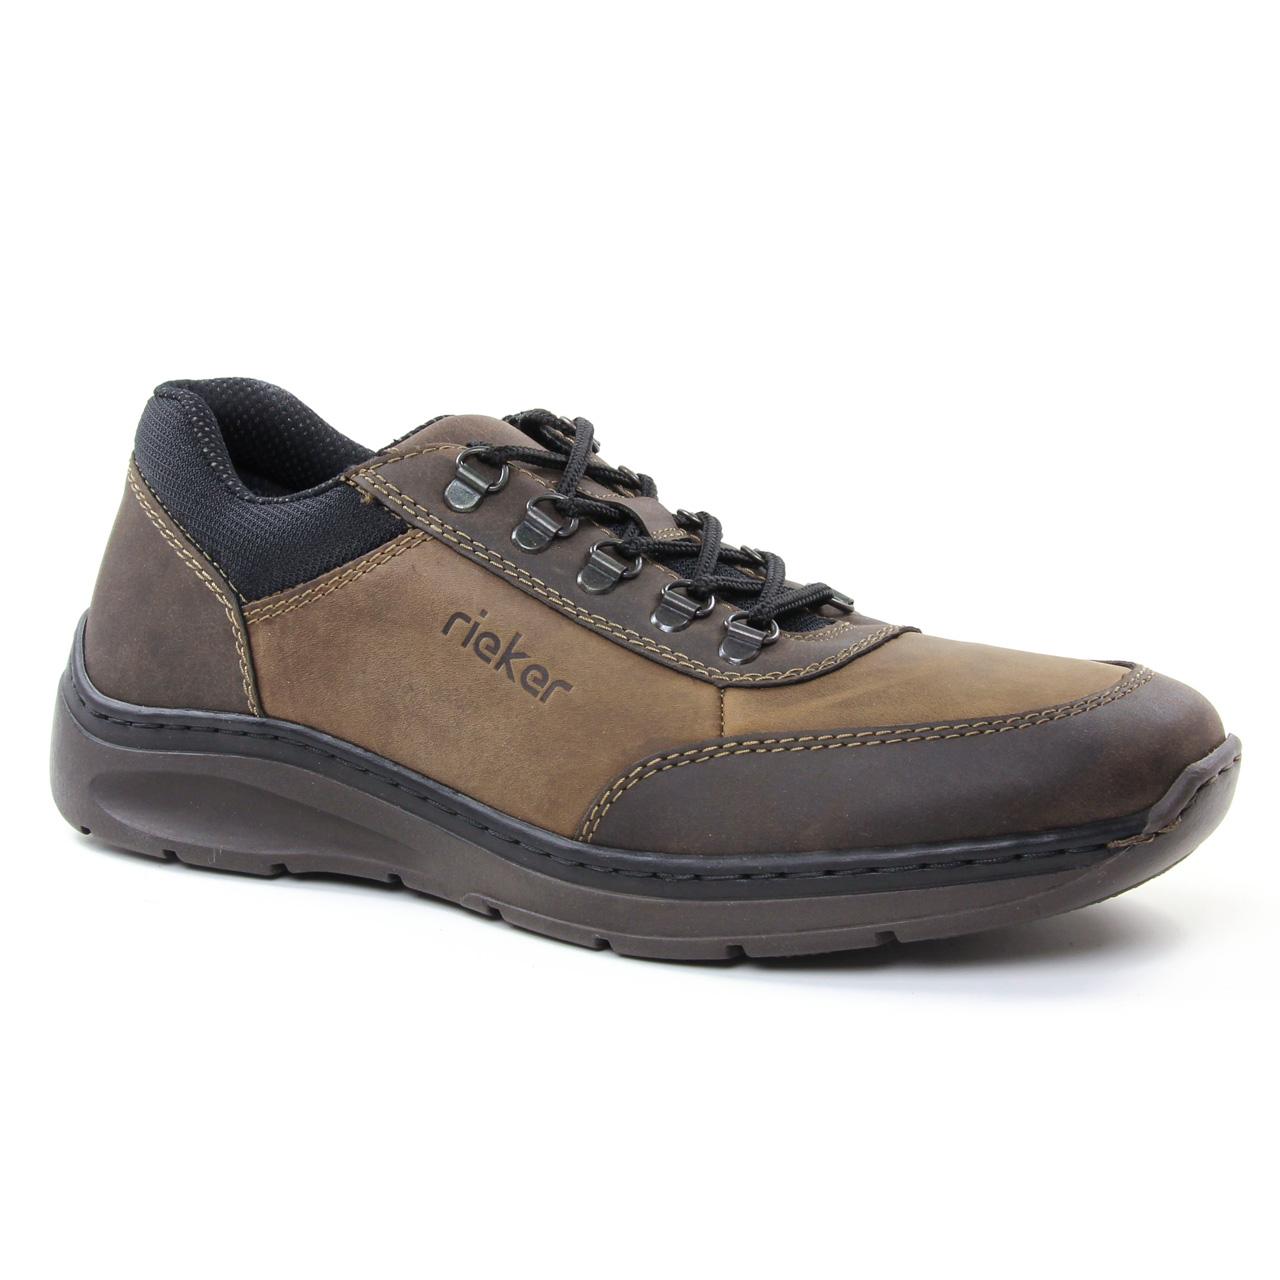 Rieker B8923 Bastia | chaussure basse à lacets marron noir